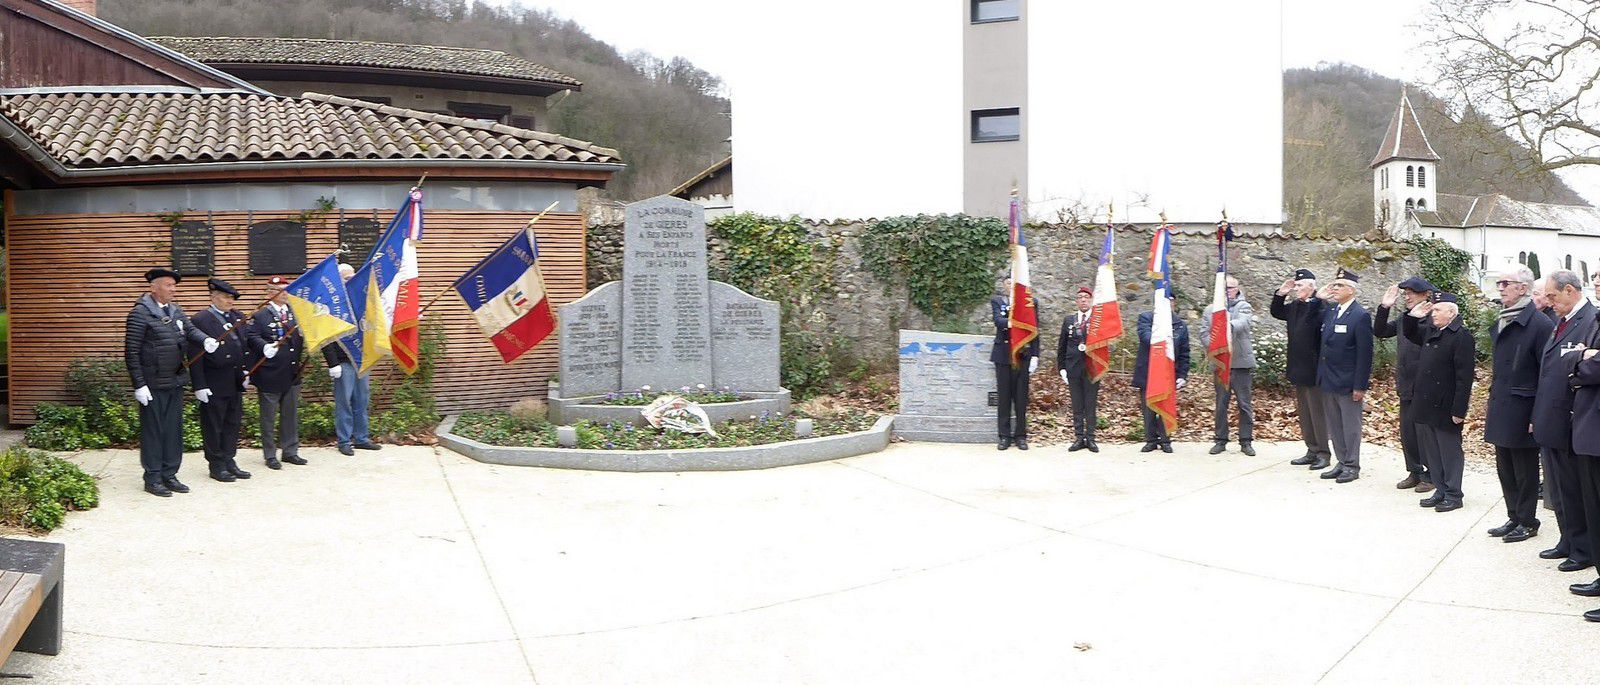 Assemblée Générale de l'UNC Belledonne-Vercors à Gières